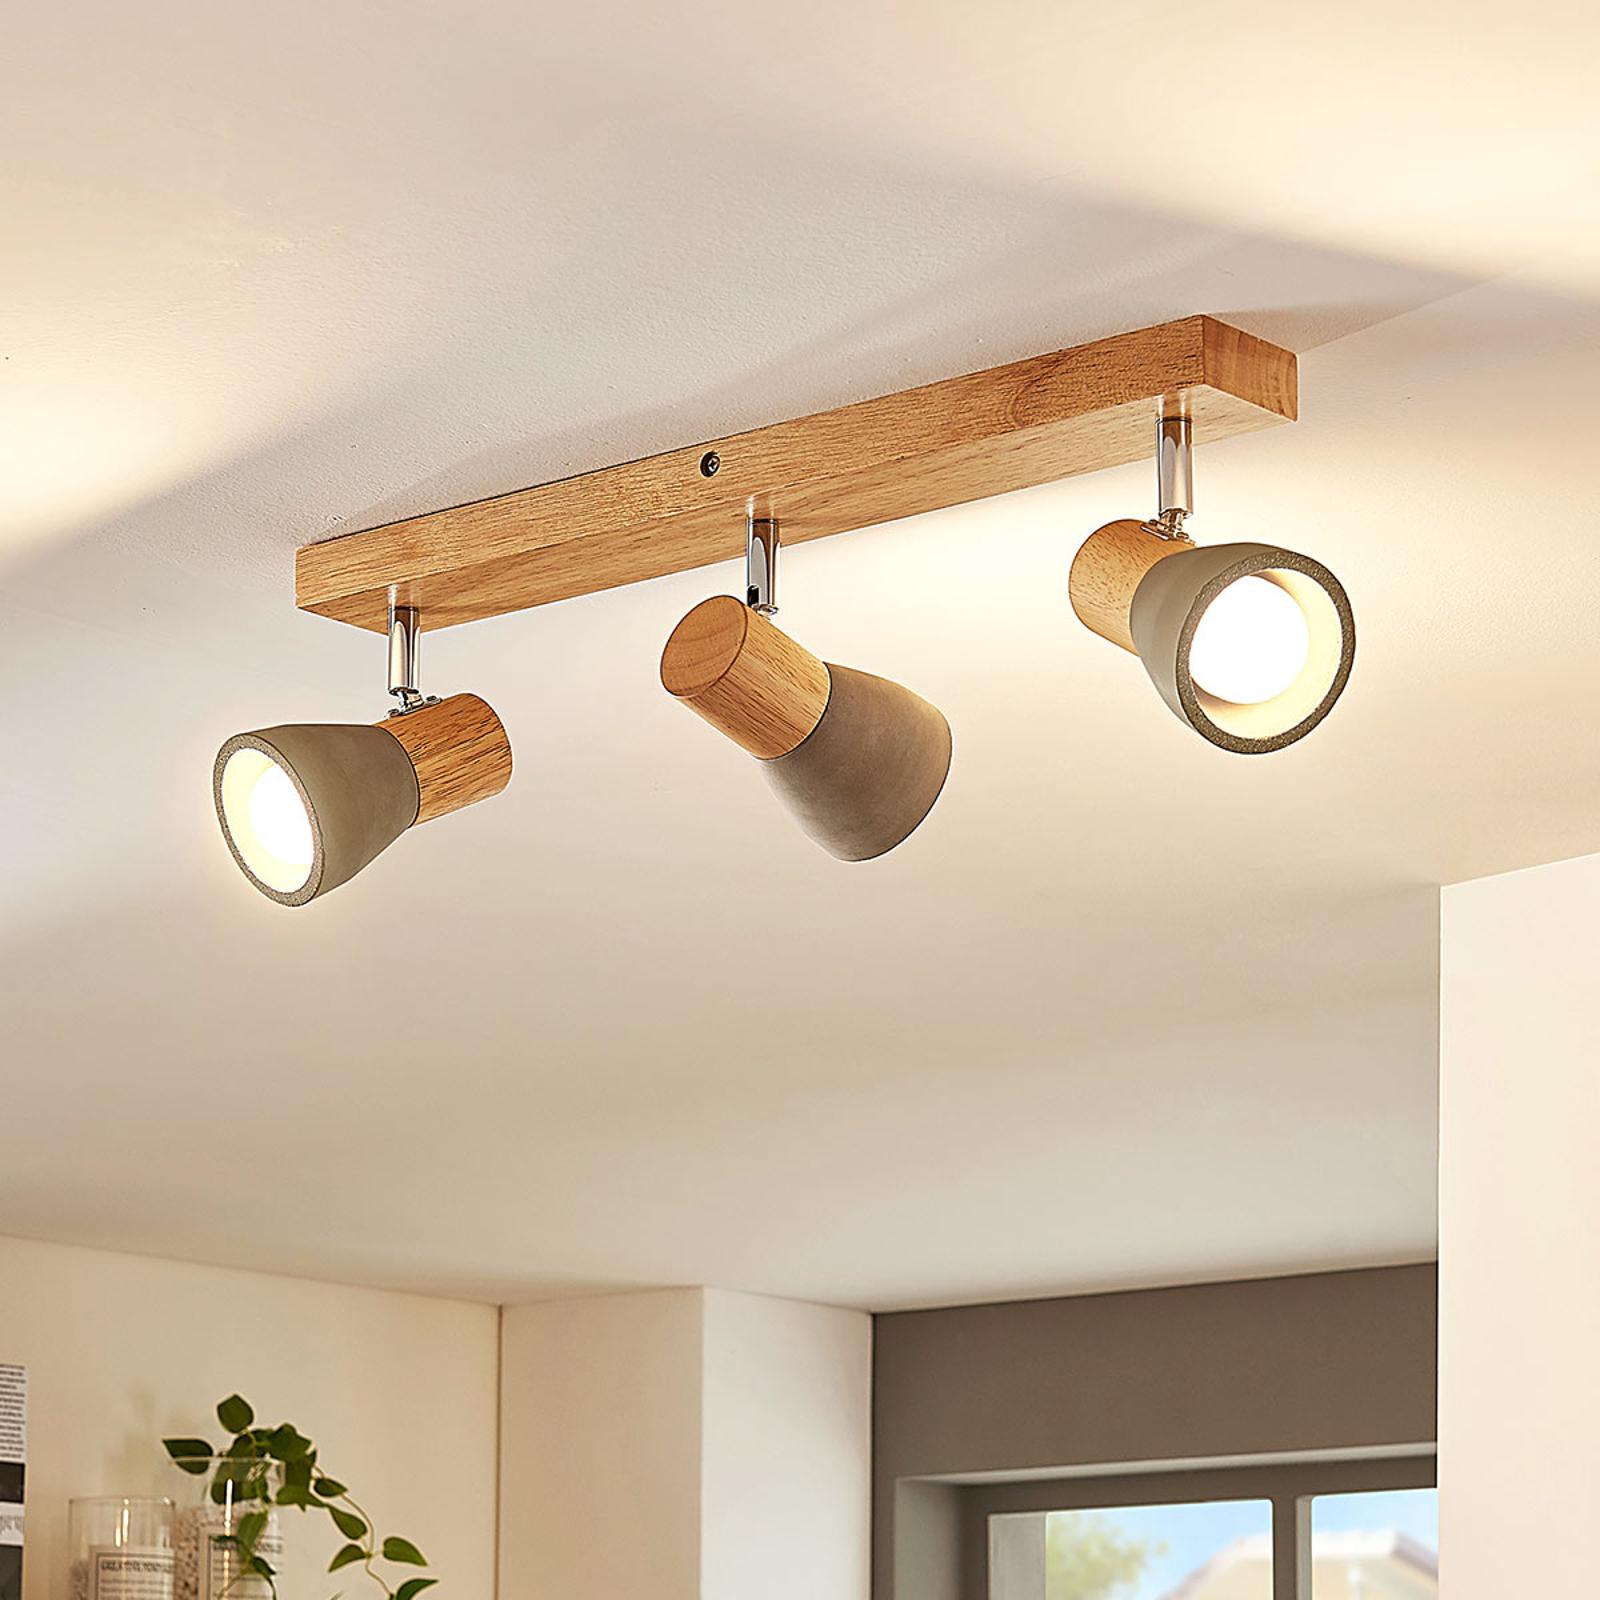 Filiz - lámpara LED techo hormigón madera, 3 focos